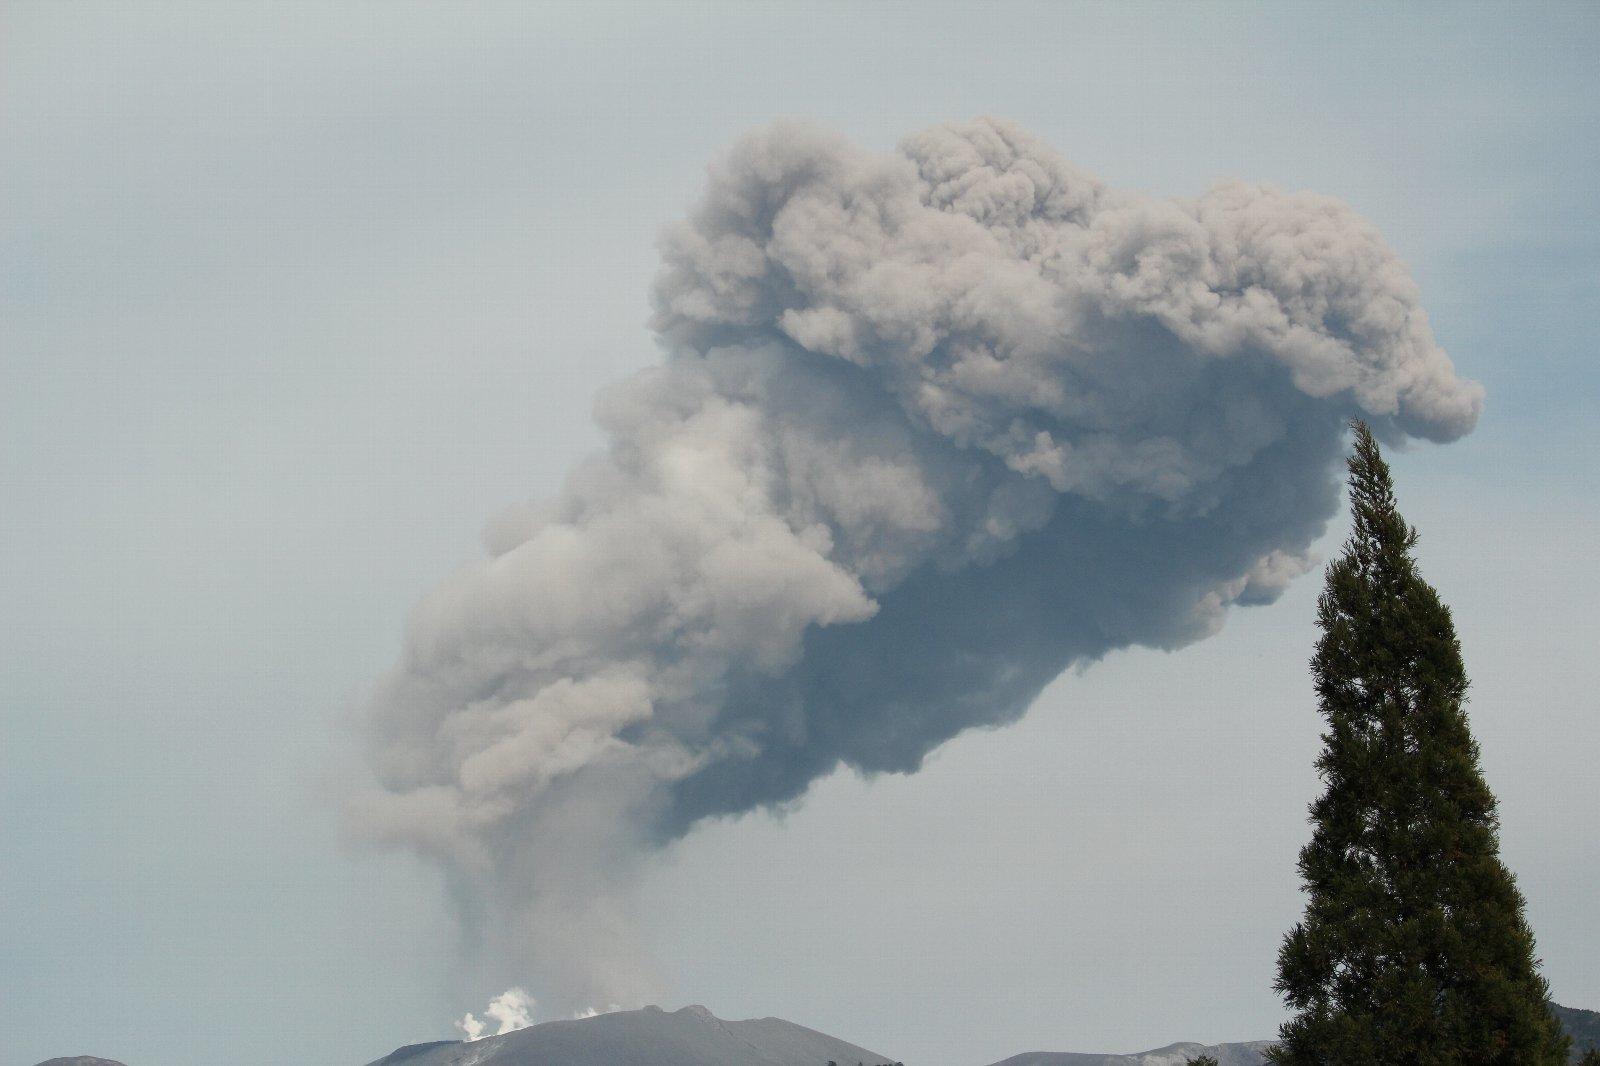 3月12日の太陽 新燃岳の噴火!_e0174091_15255158.jpg